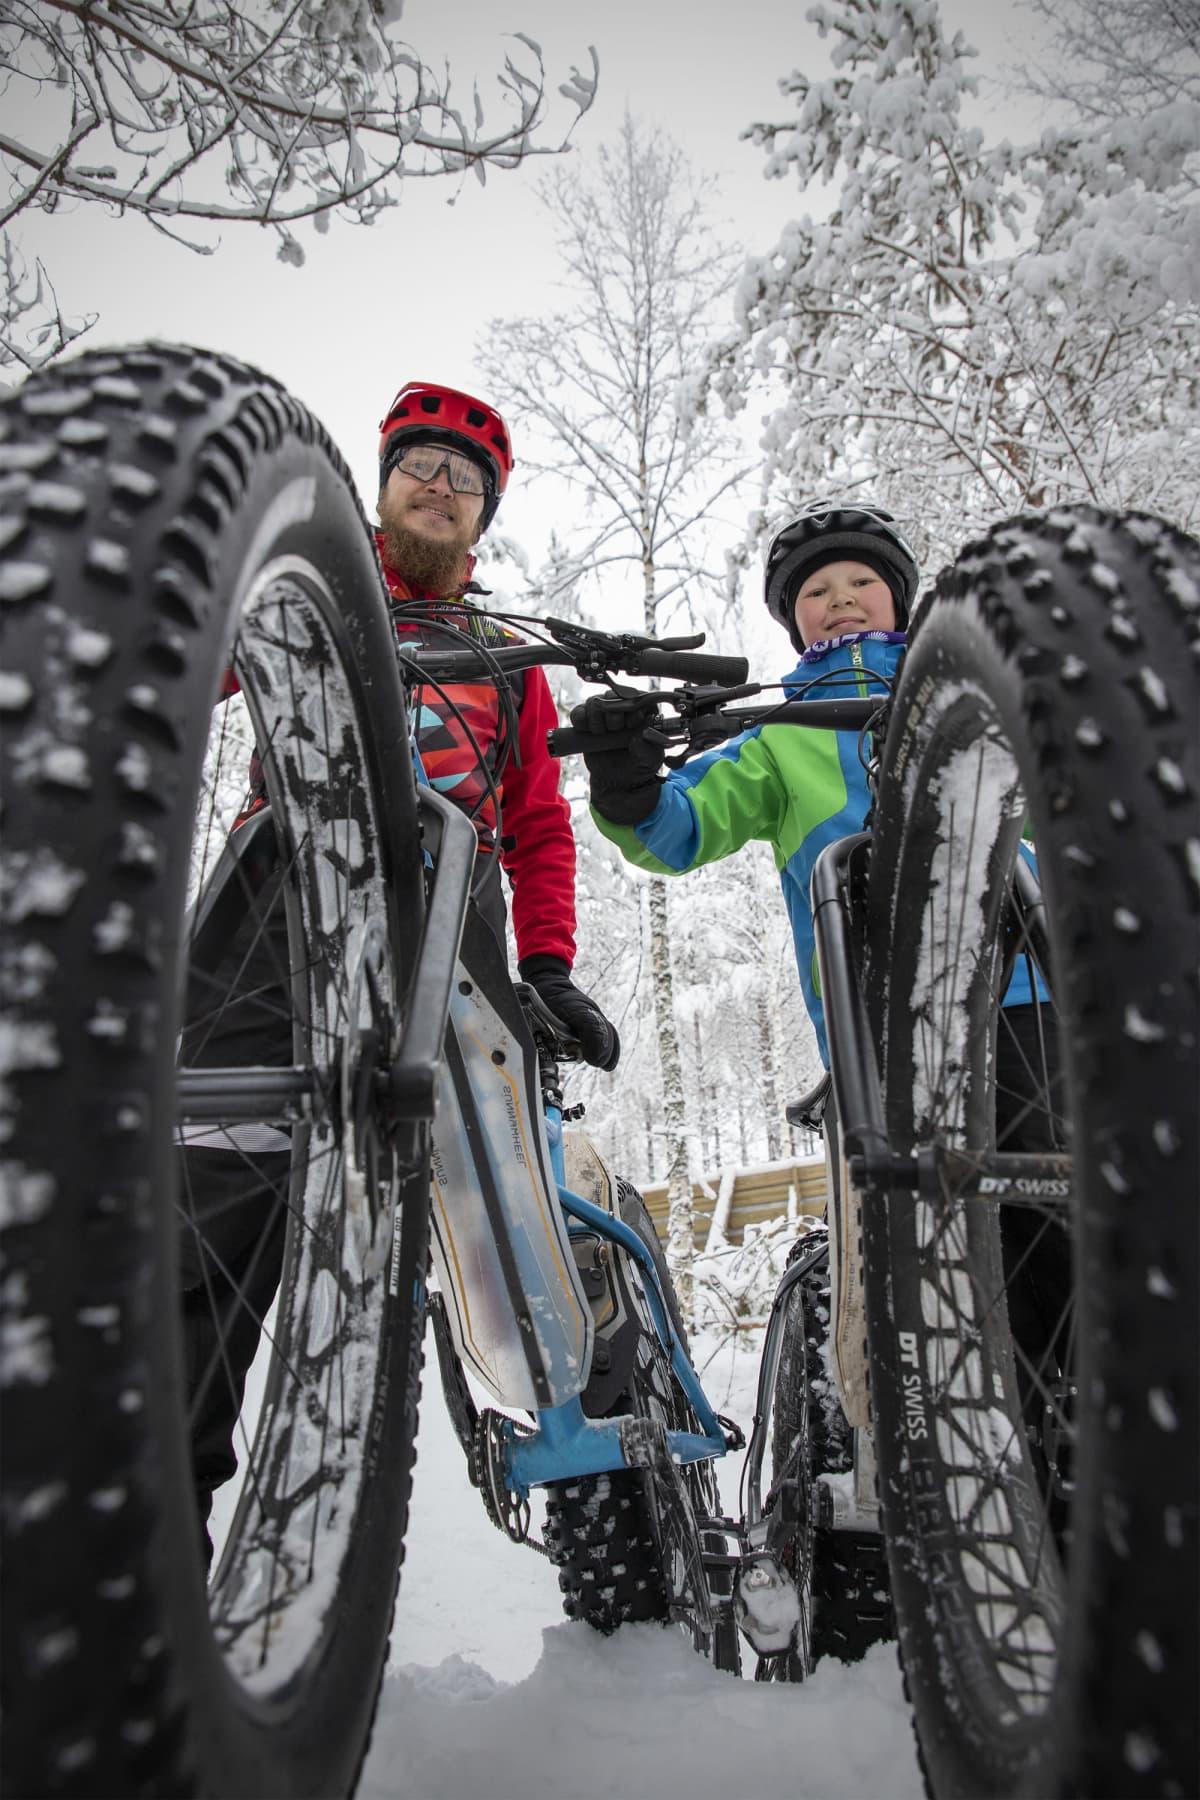 Sami ja Paavo Korhonen fatbike-pyöriensä kanssa.